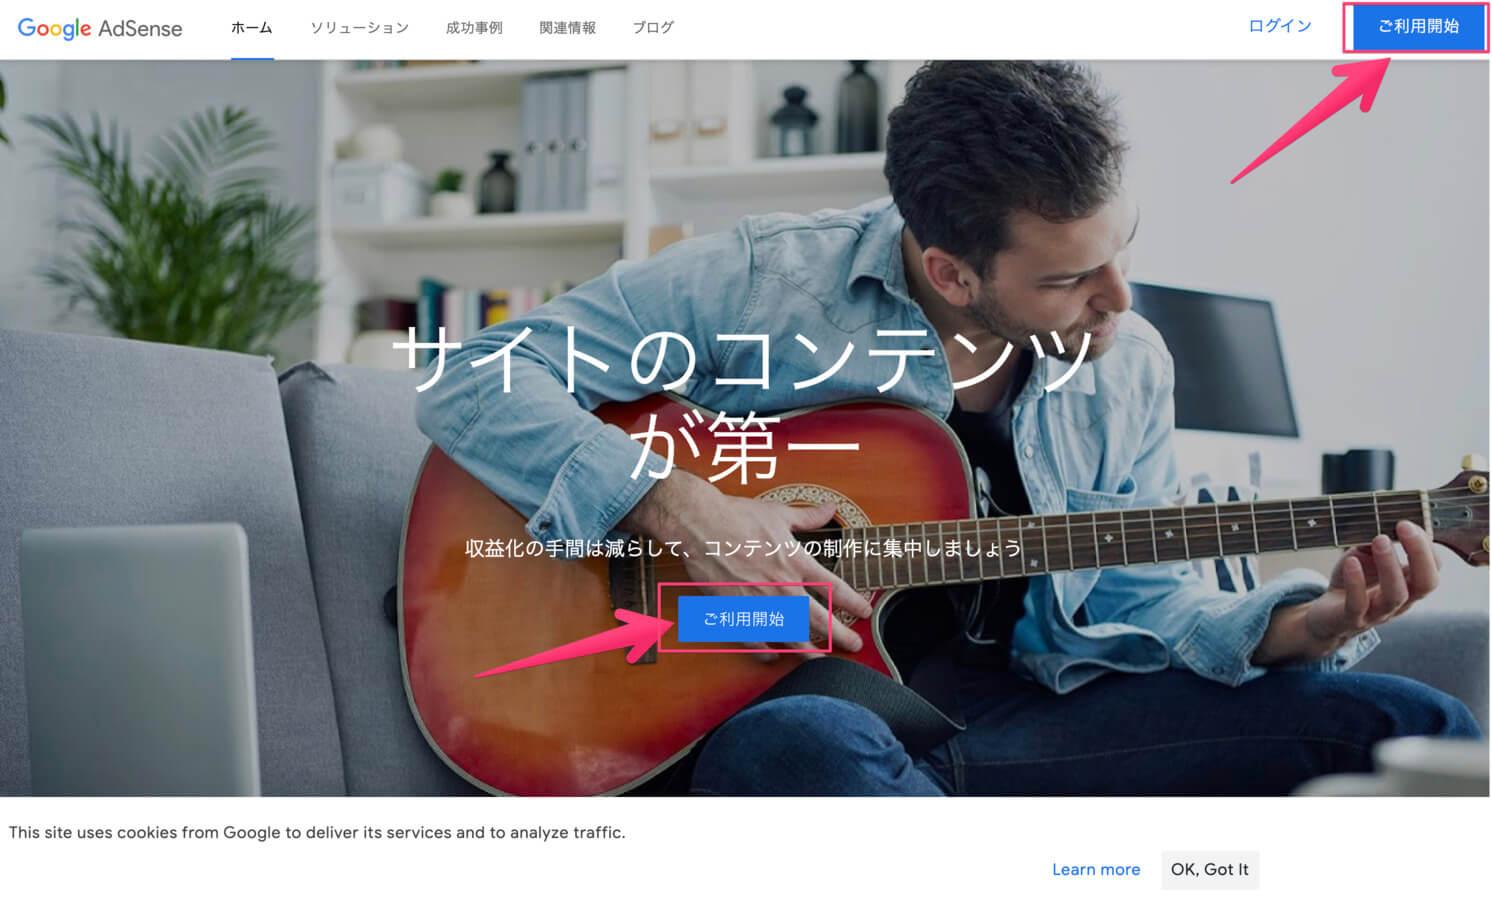 Googleアドセンスの公式サイトです